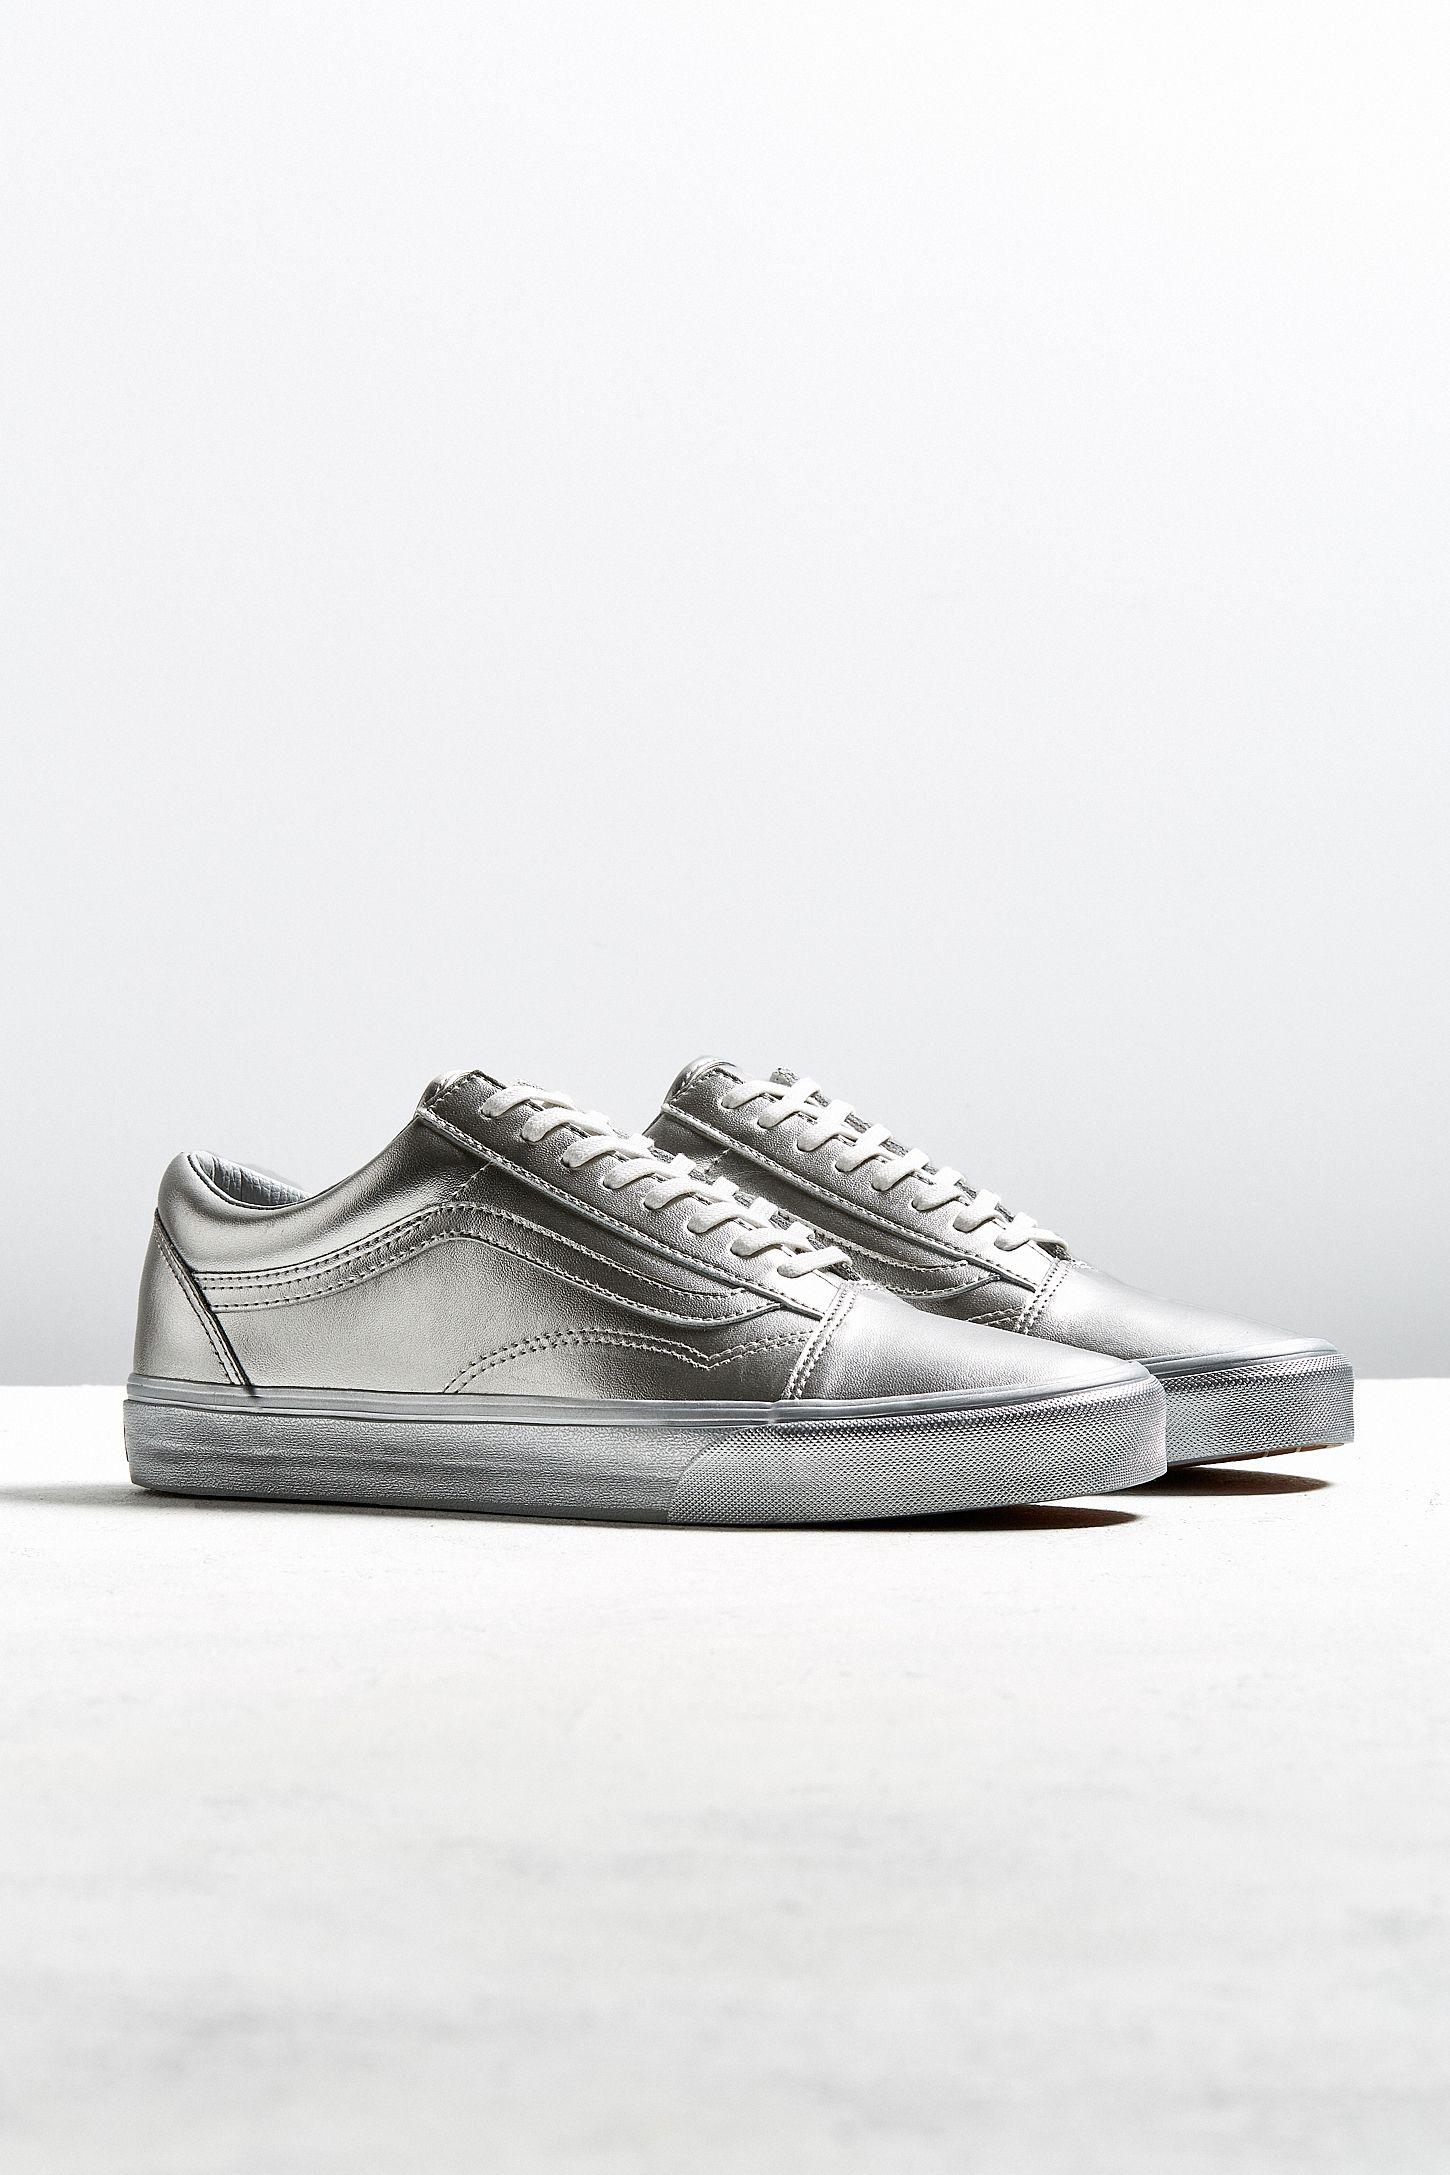 ecc620217f Vans Old Skool Silver Metallic Sneaker